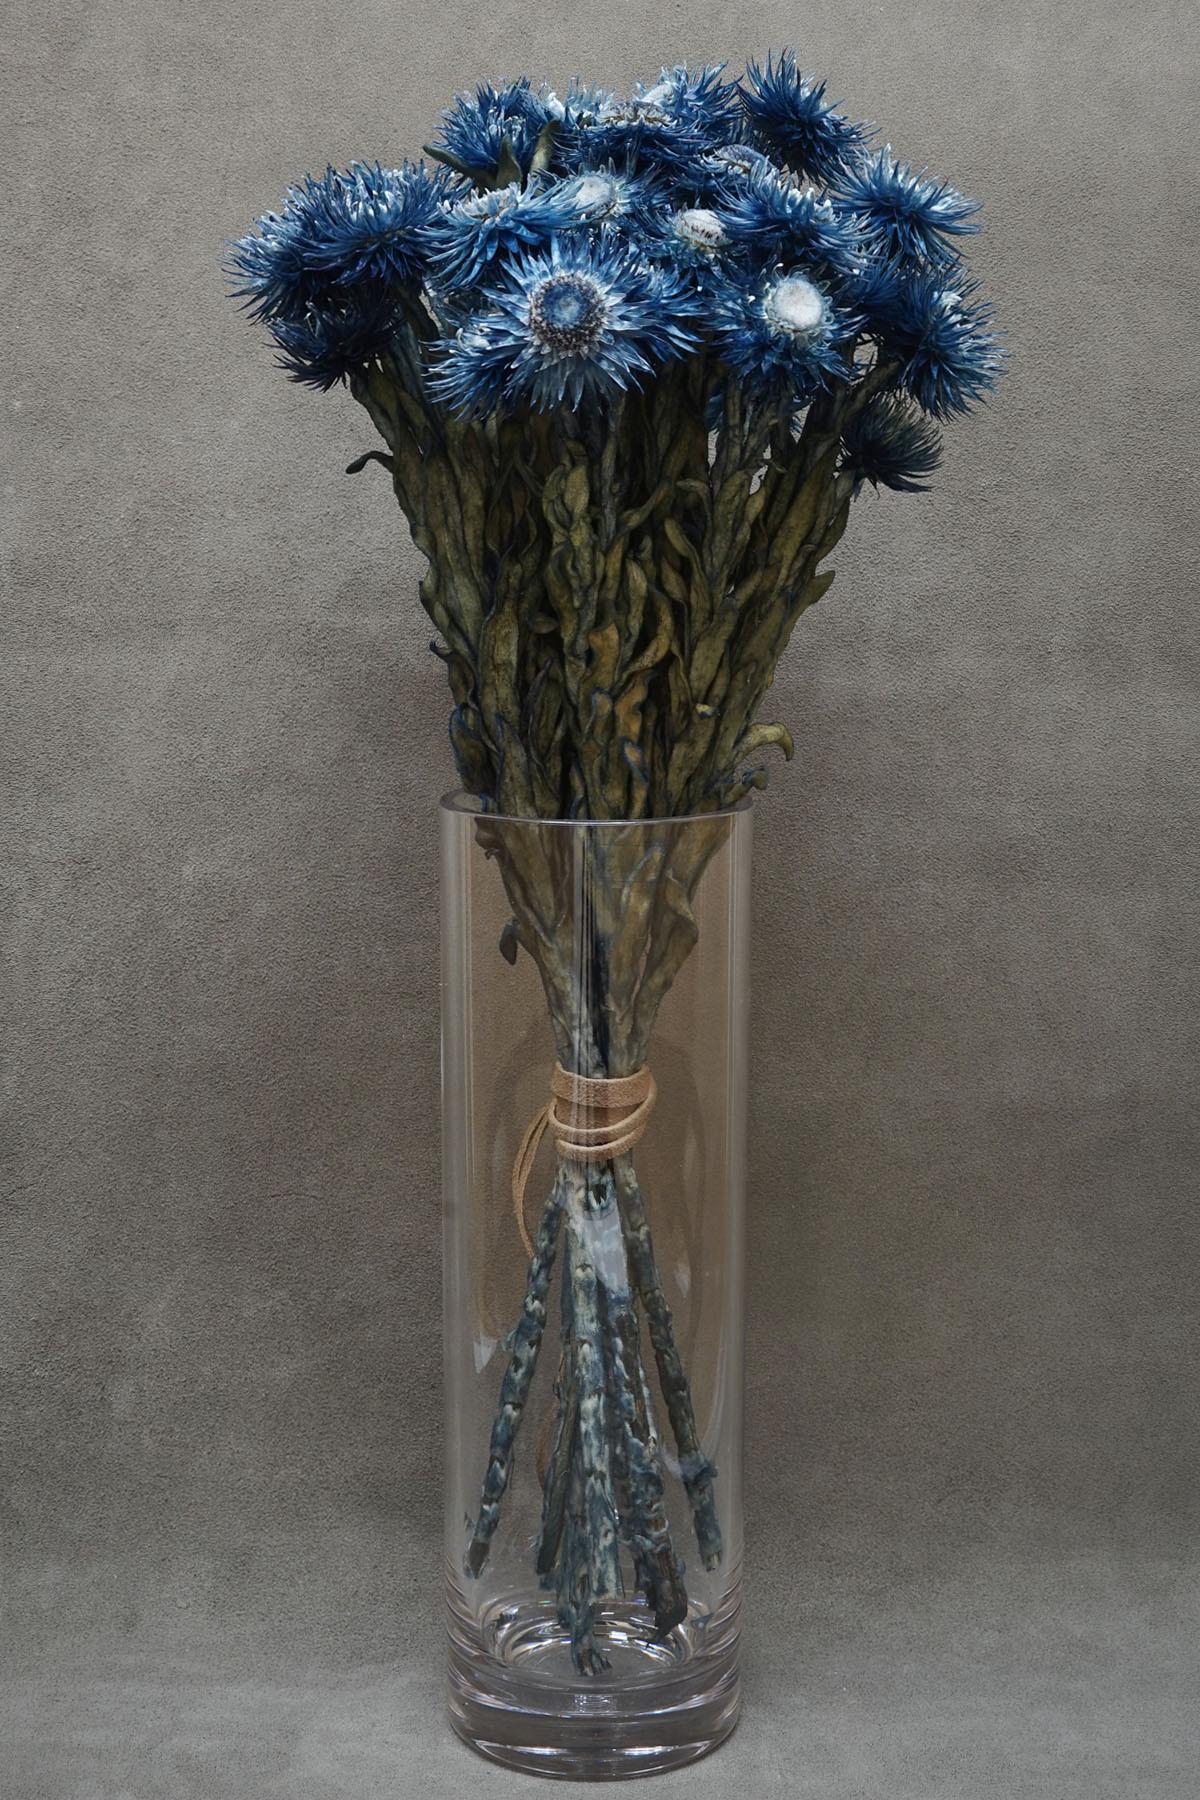 INDIGO DYED DRIED FLOWERS(藍染ドライフラワー)